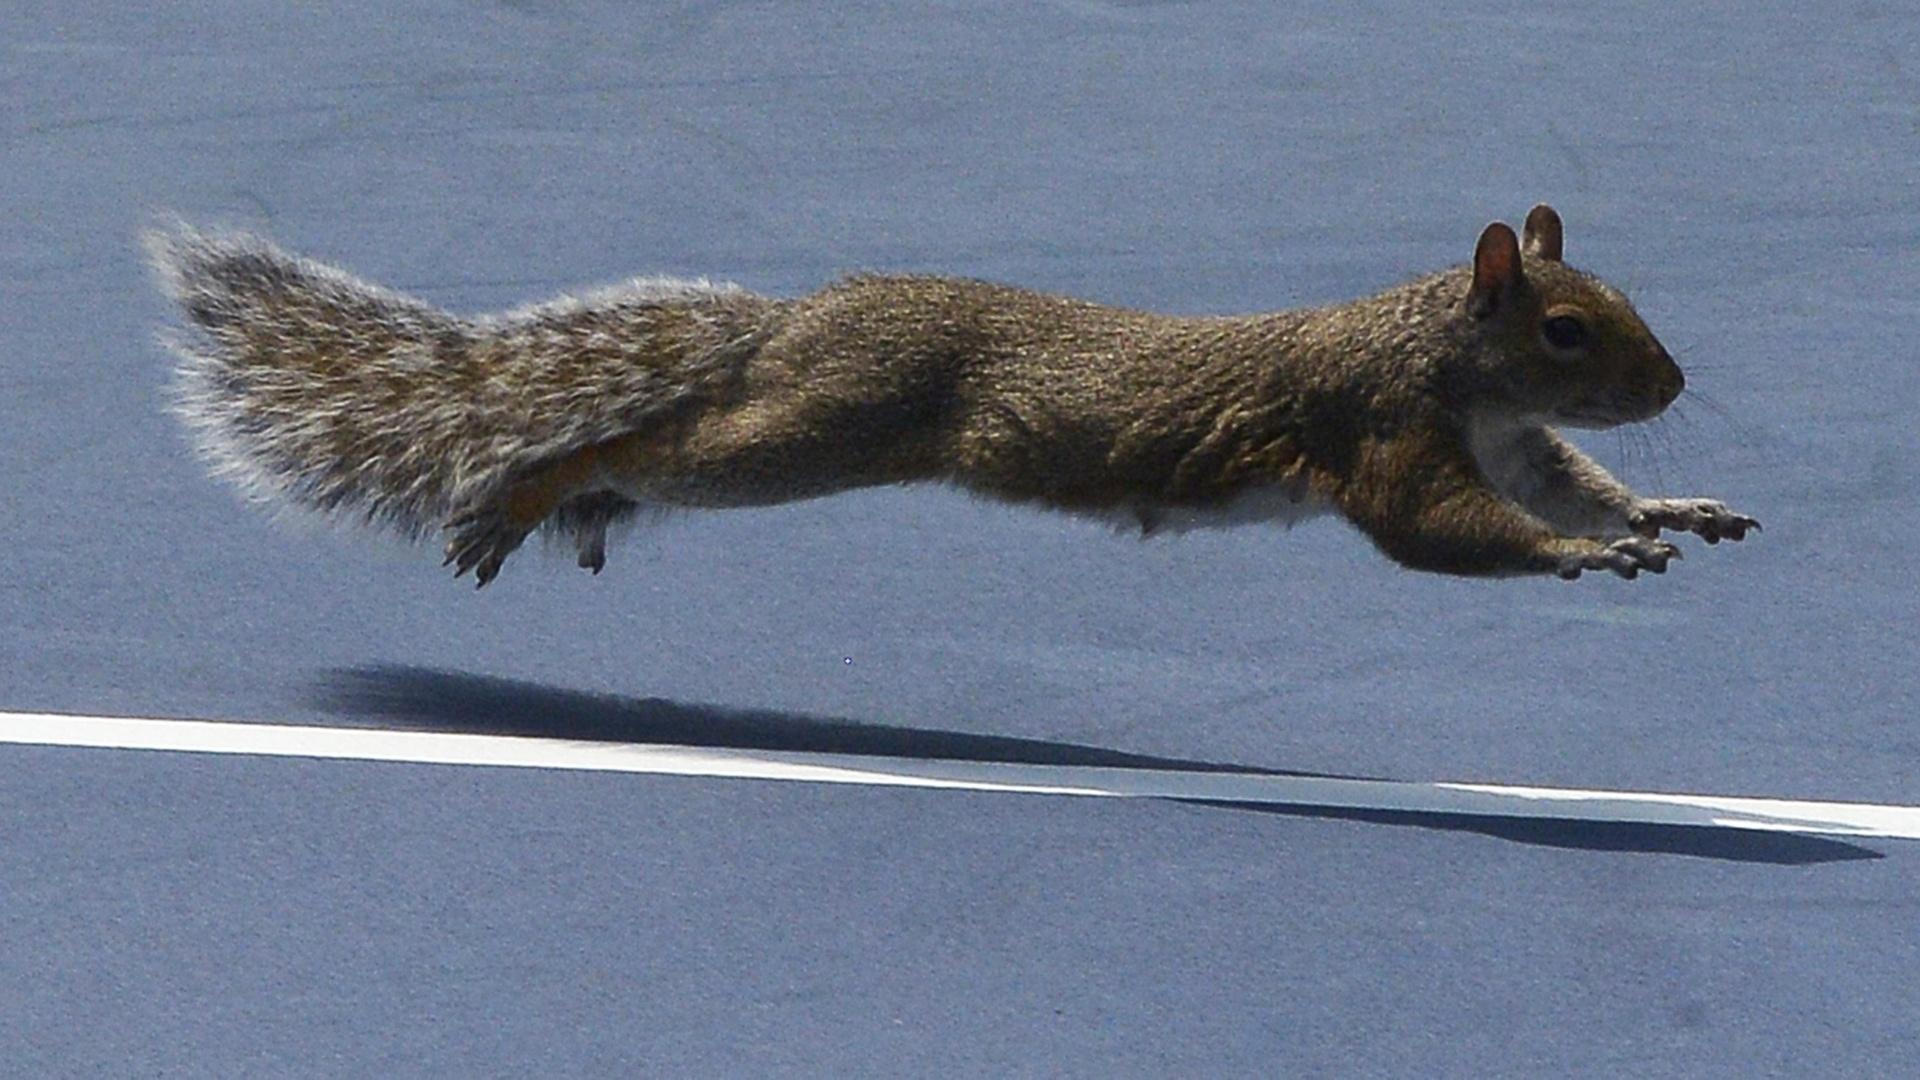 27.ago.2013 - Esquilo invade a quadra durante a partida entre Lucasz Kubot e Jarkko Nieminen durante o Aberto dos EUA